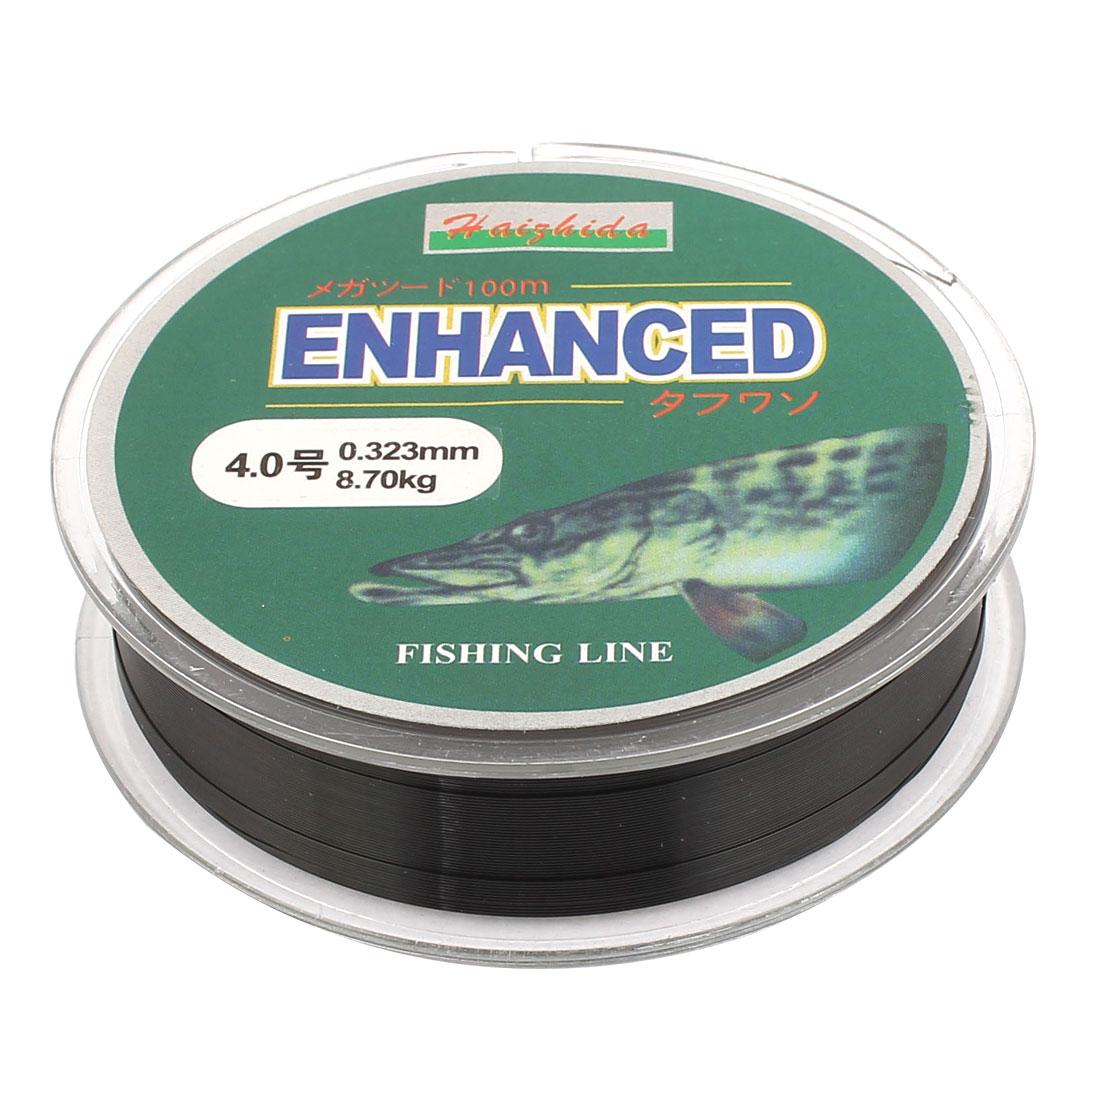 Unique Bargains 4# Black 0.323mm Dia 8.7Kg Abrasion Resistance Fishing Line Spool 100M - image 1 of 1